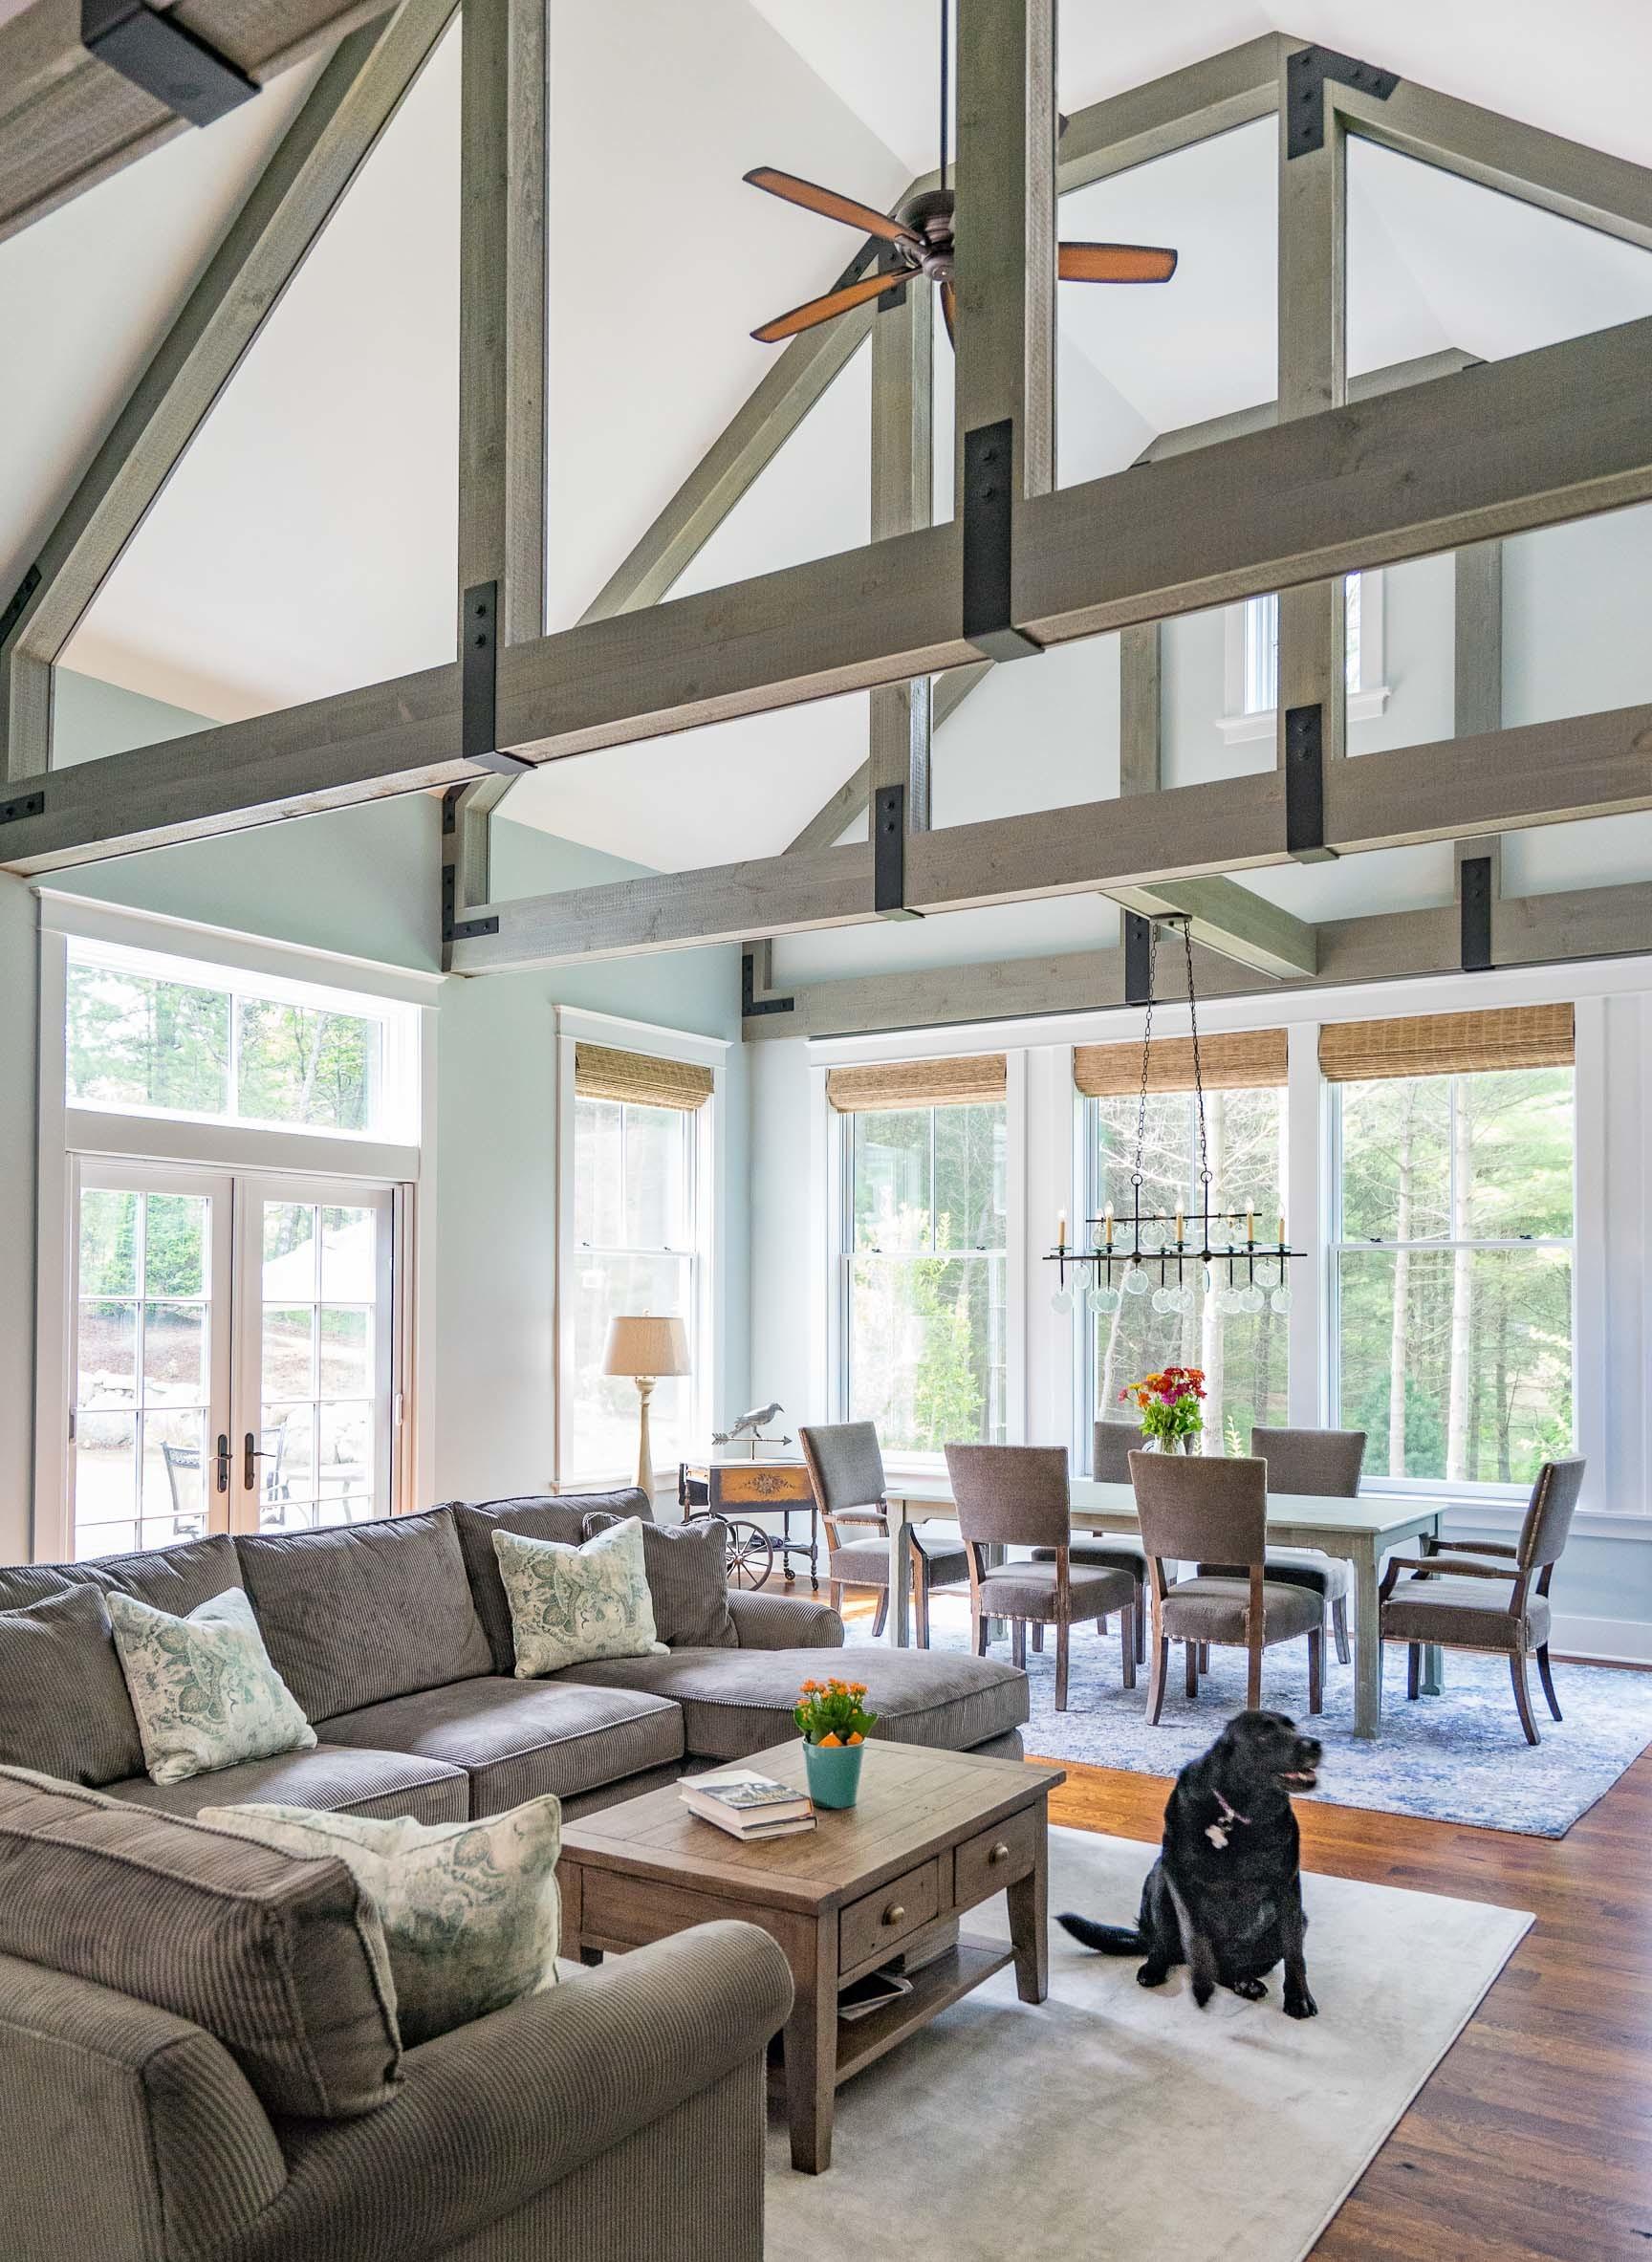 Kistler & Knapp Custom Home Ryecroft Great Room & Best Friend